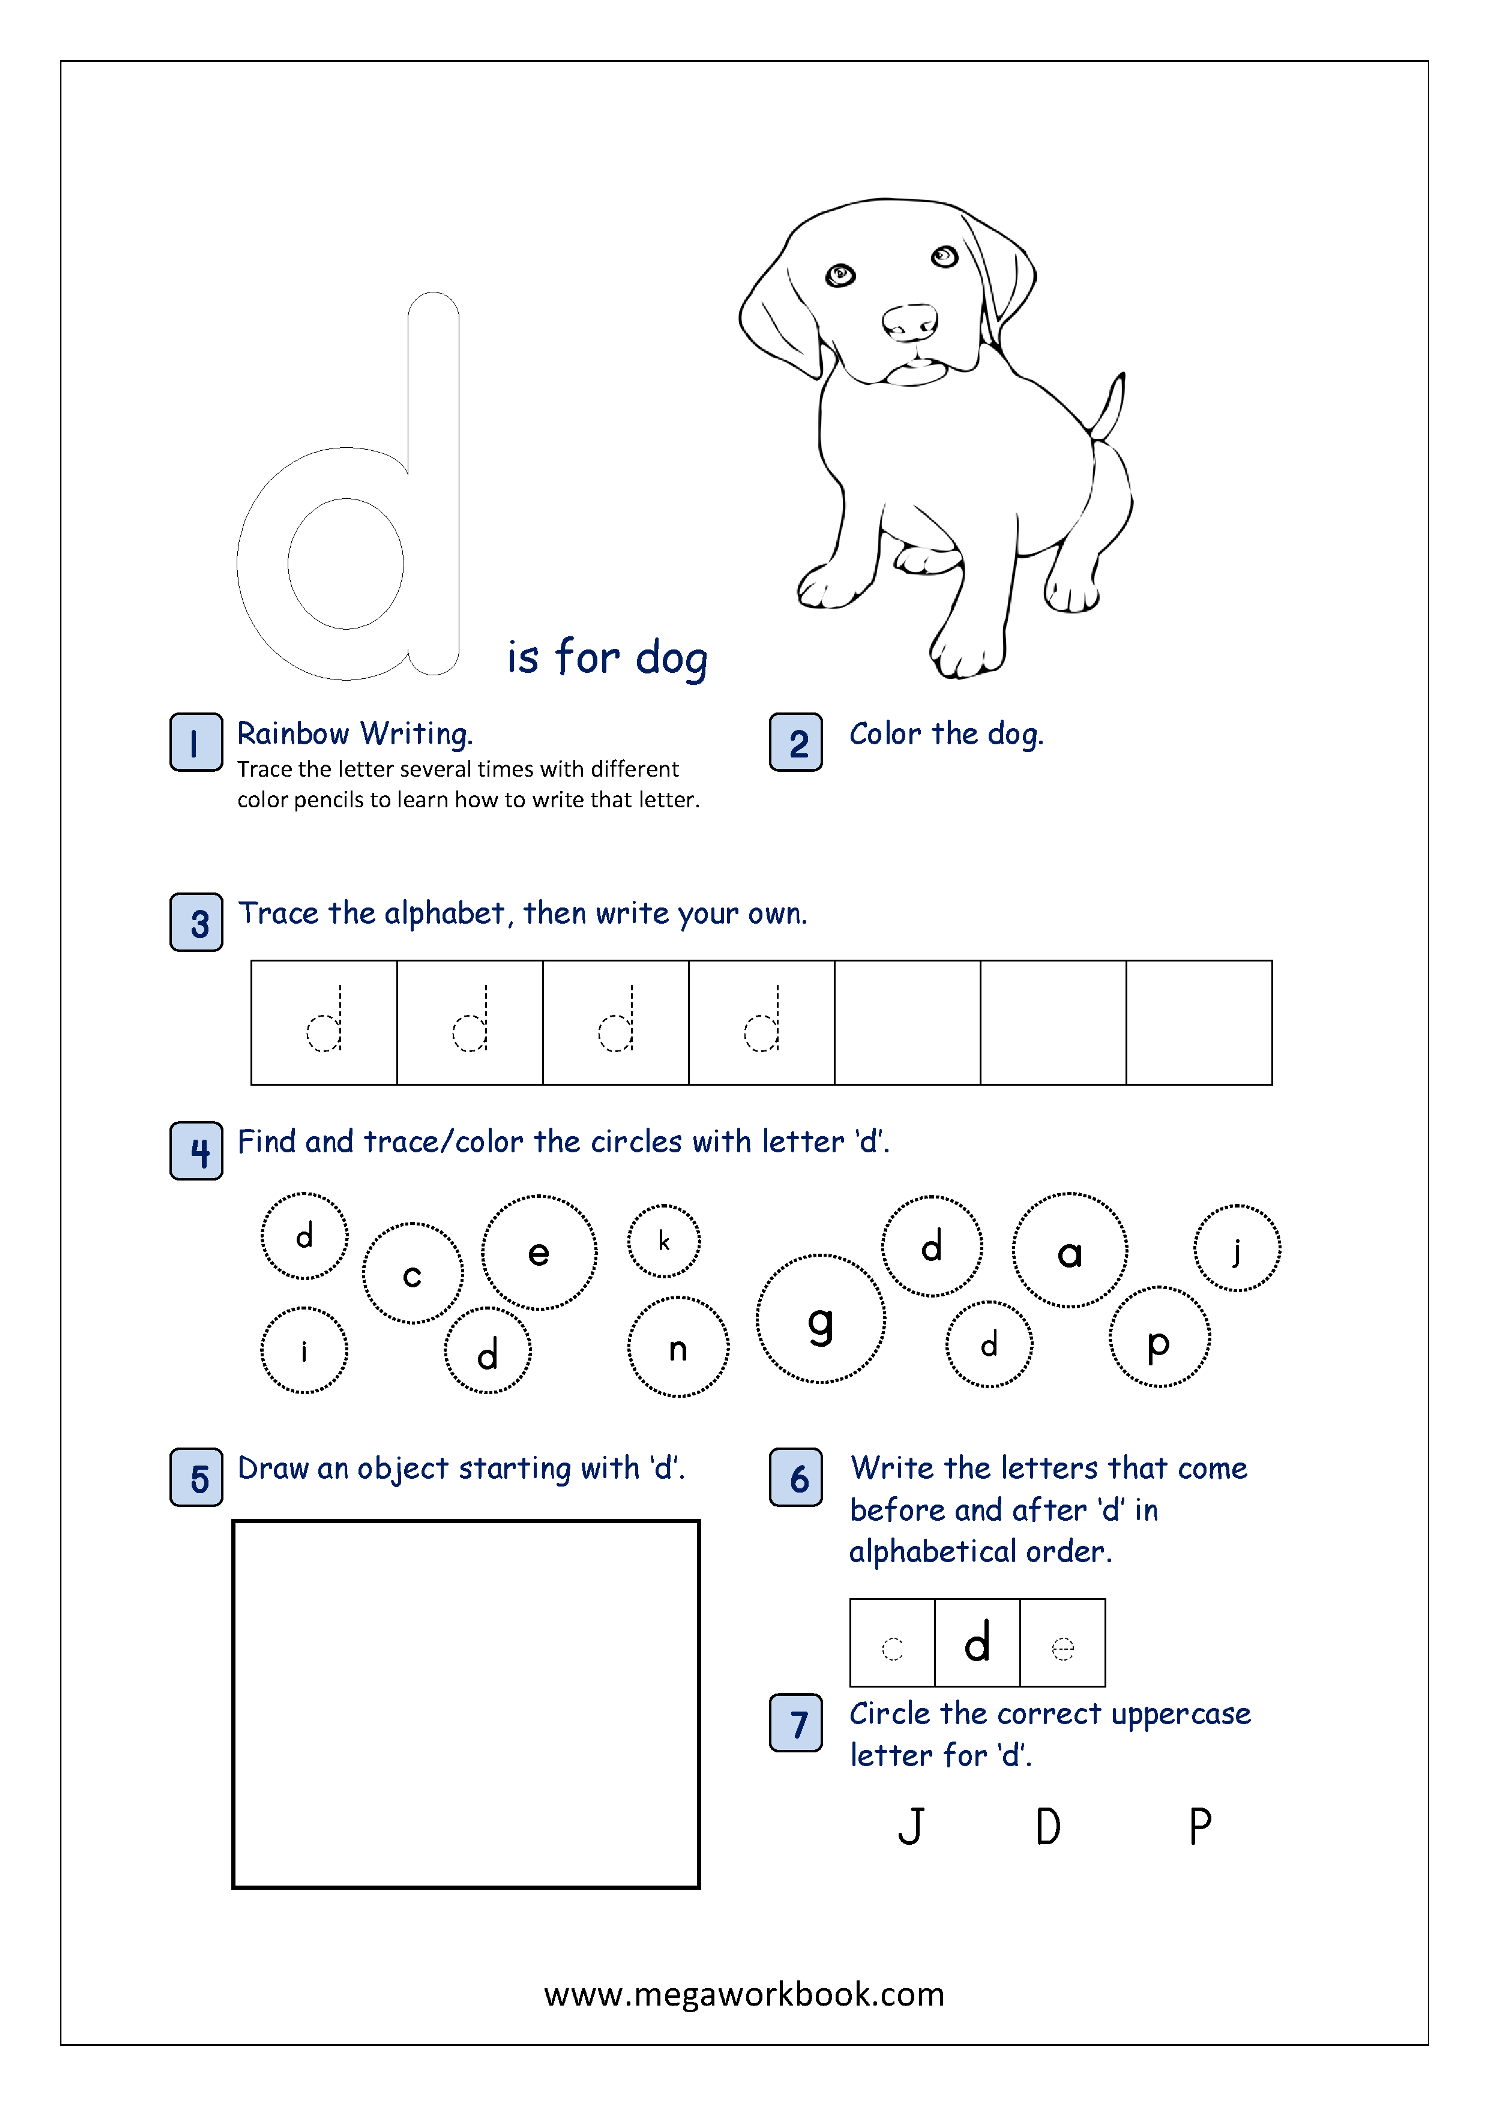 Free Printable Alphabet Recognition Worksheets For Small Letters - Free Printable Letter Recognition Worksheets